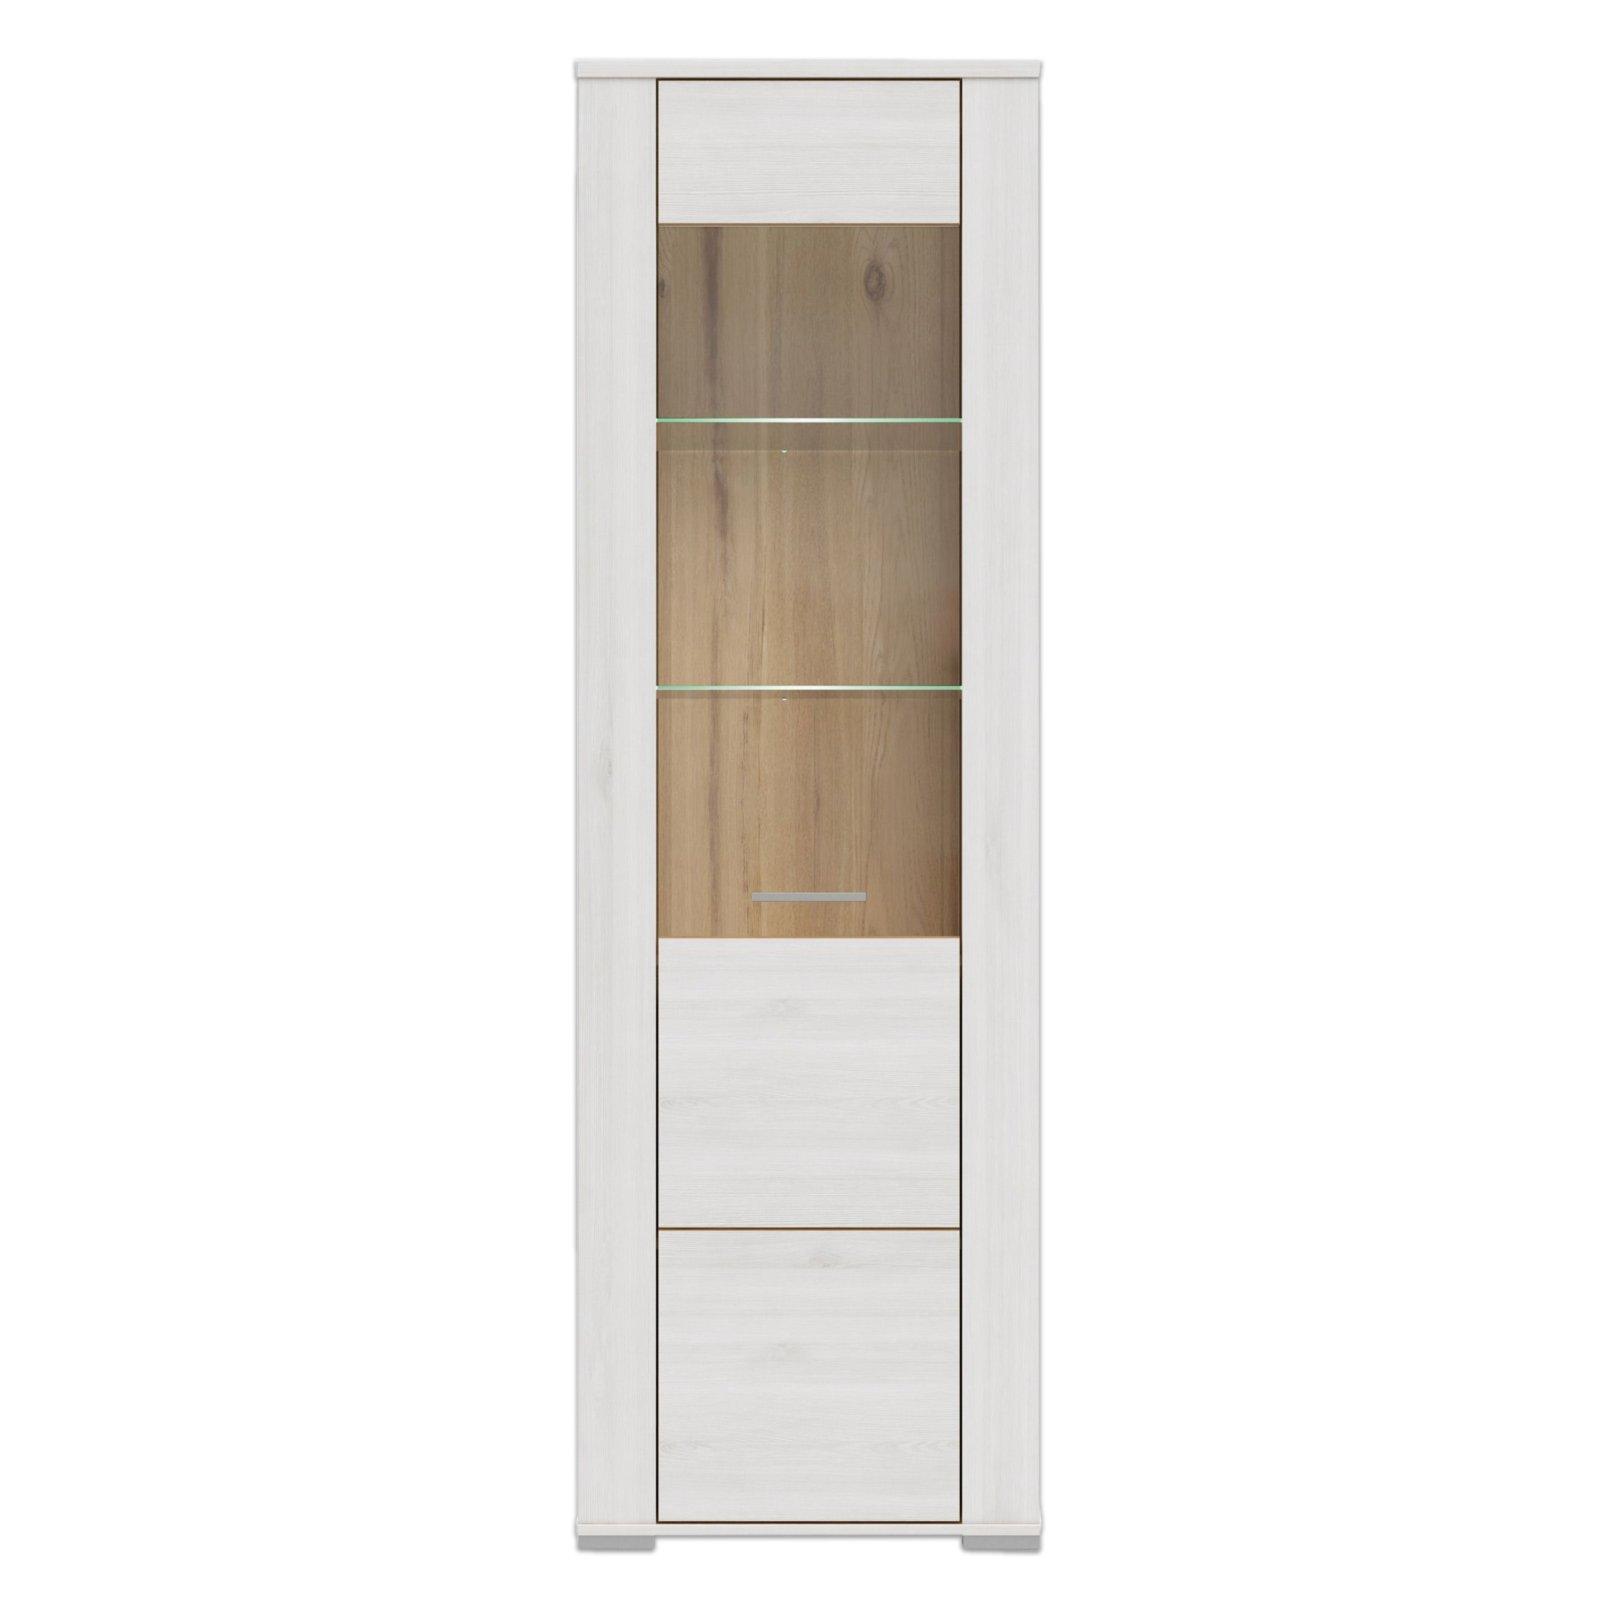 vitrine dany pinie wei eiche 60x196 cm wohnprogramm dany wohnprogramme wohnzimmer. Black Bedroom Furniture Sets. Home Design Ideas